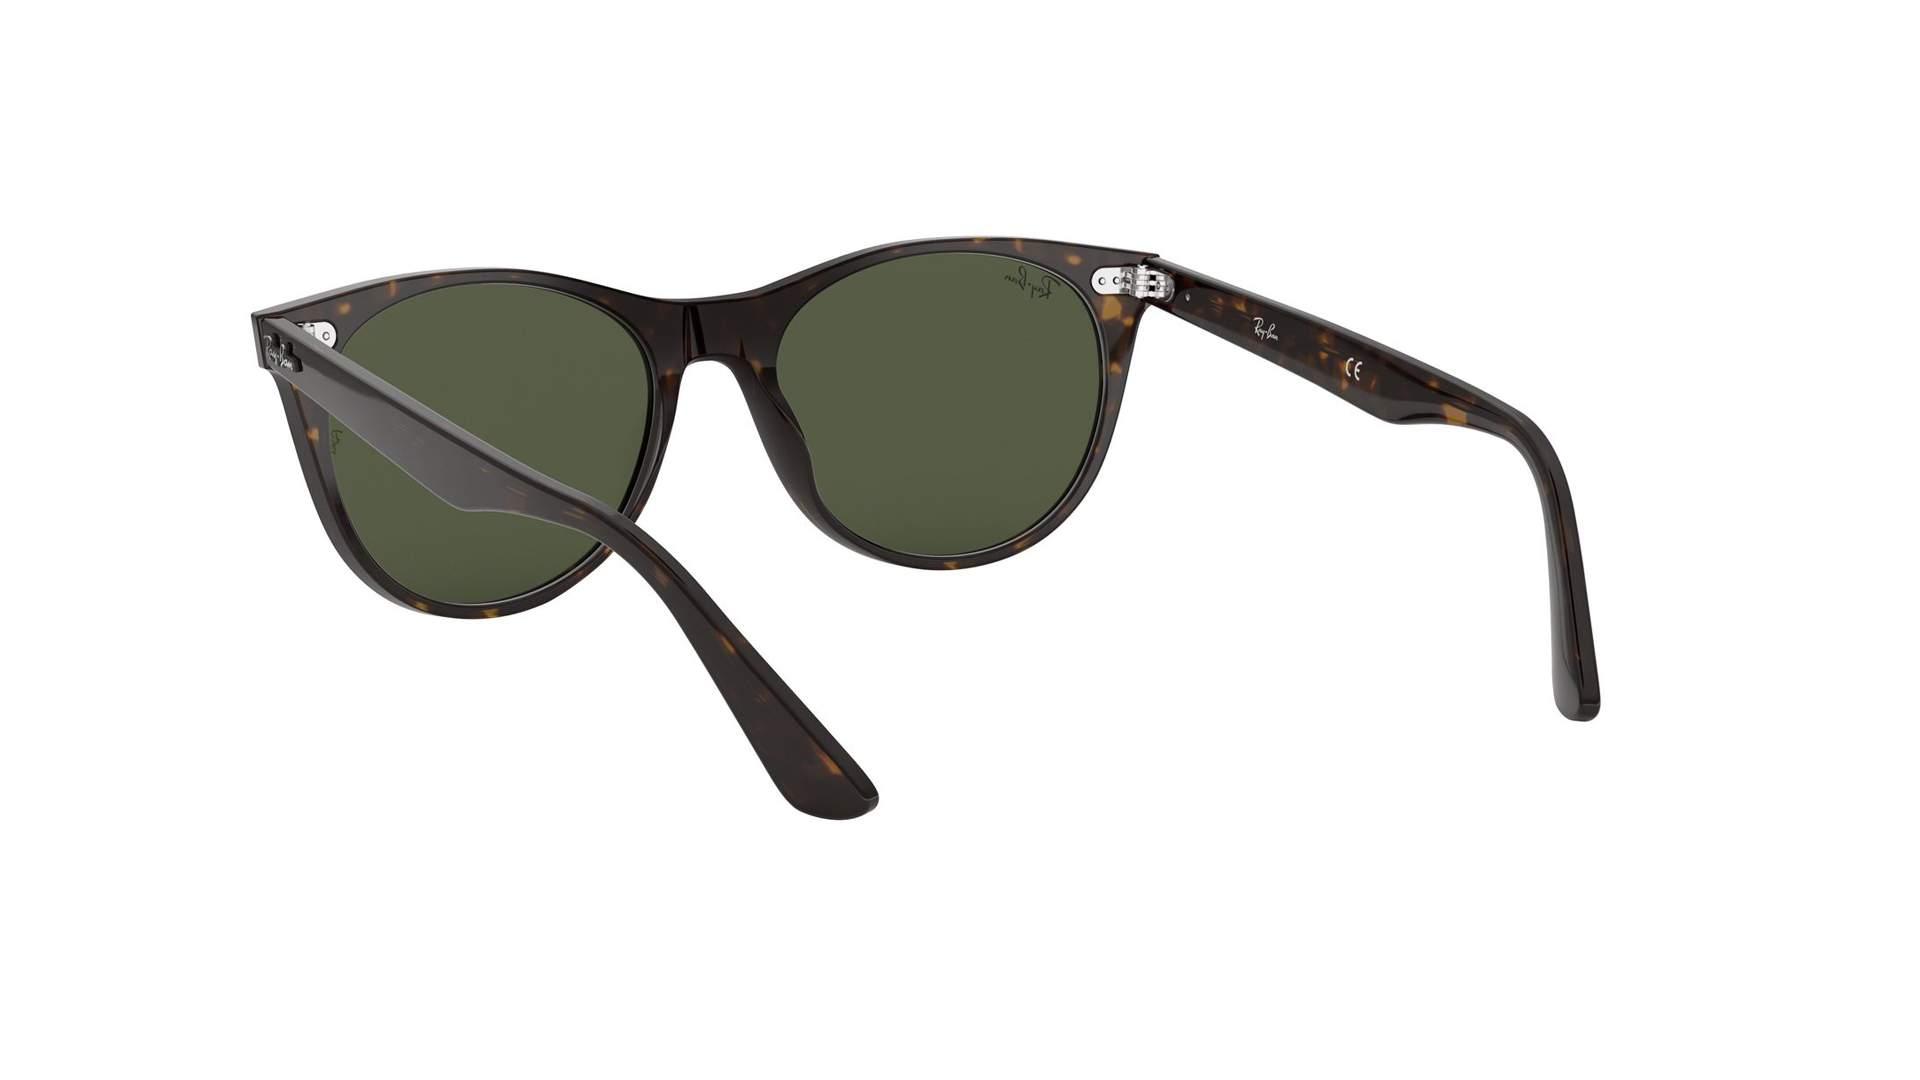 3f049ef81 Sunglasses Ray-Ban Wayfarer II Classic Tortoise G15 RB2185 902/31 52-18  Medium